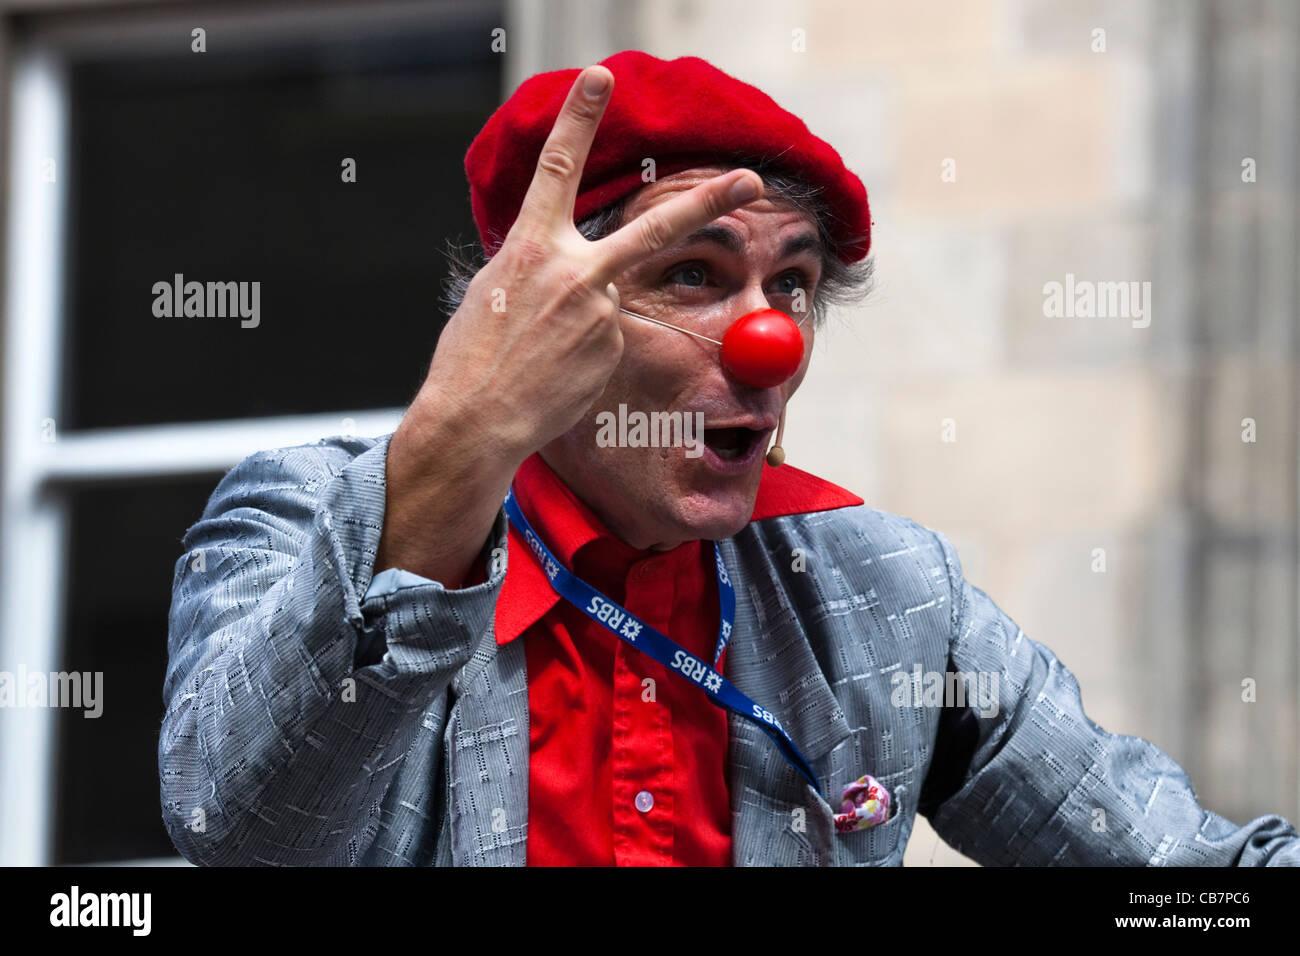 Street intrattenitore vestito come un clown e indossando un naso rosso be5c280e34d